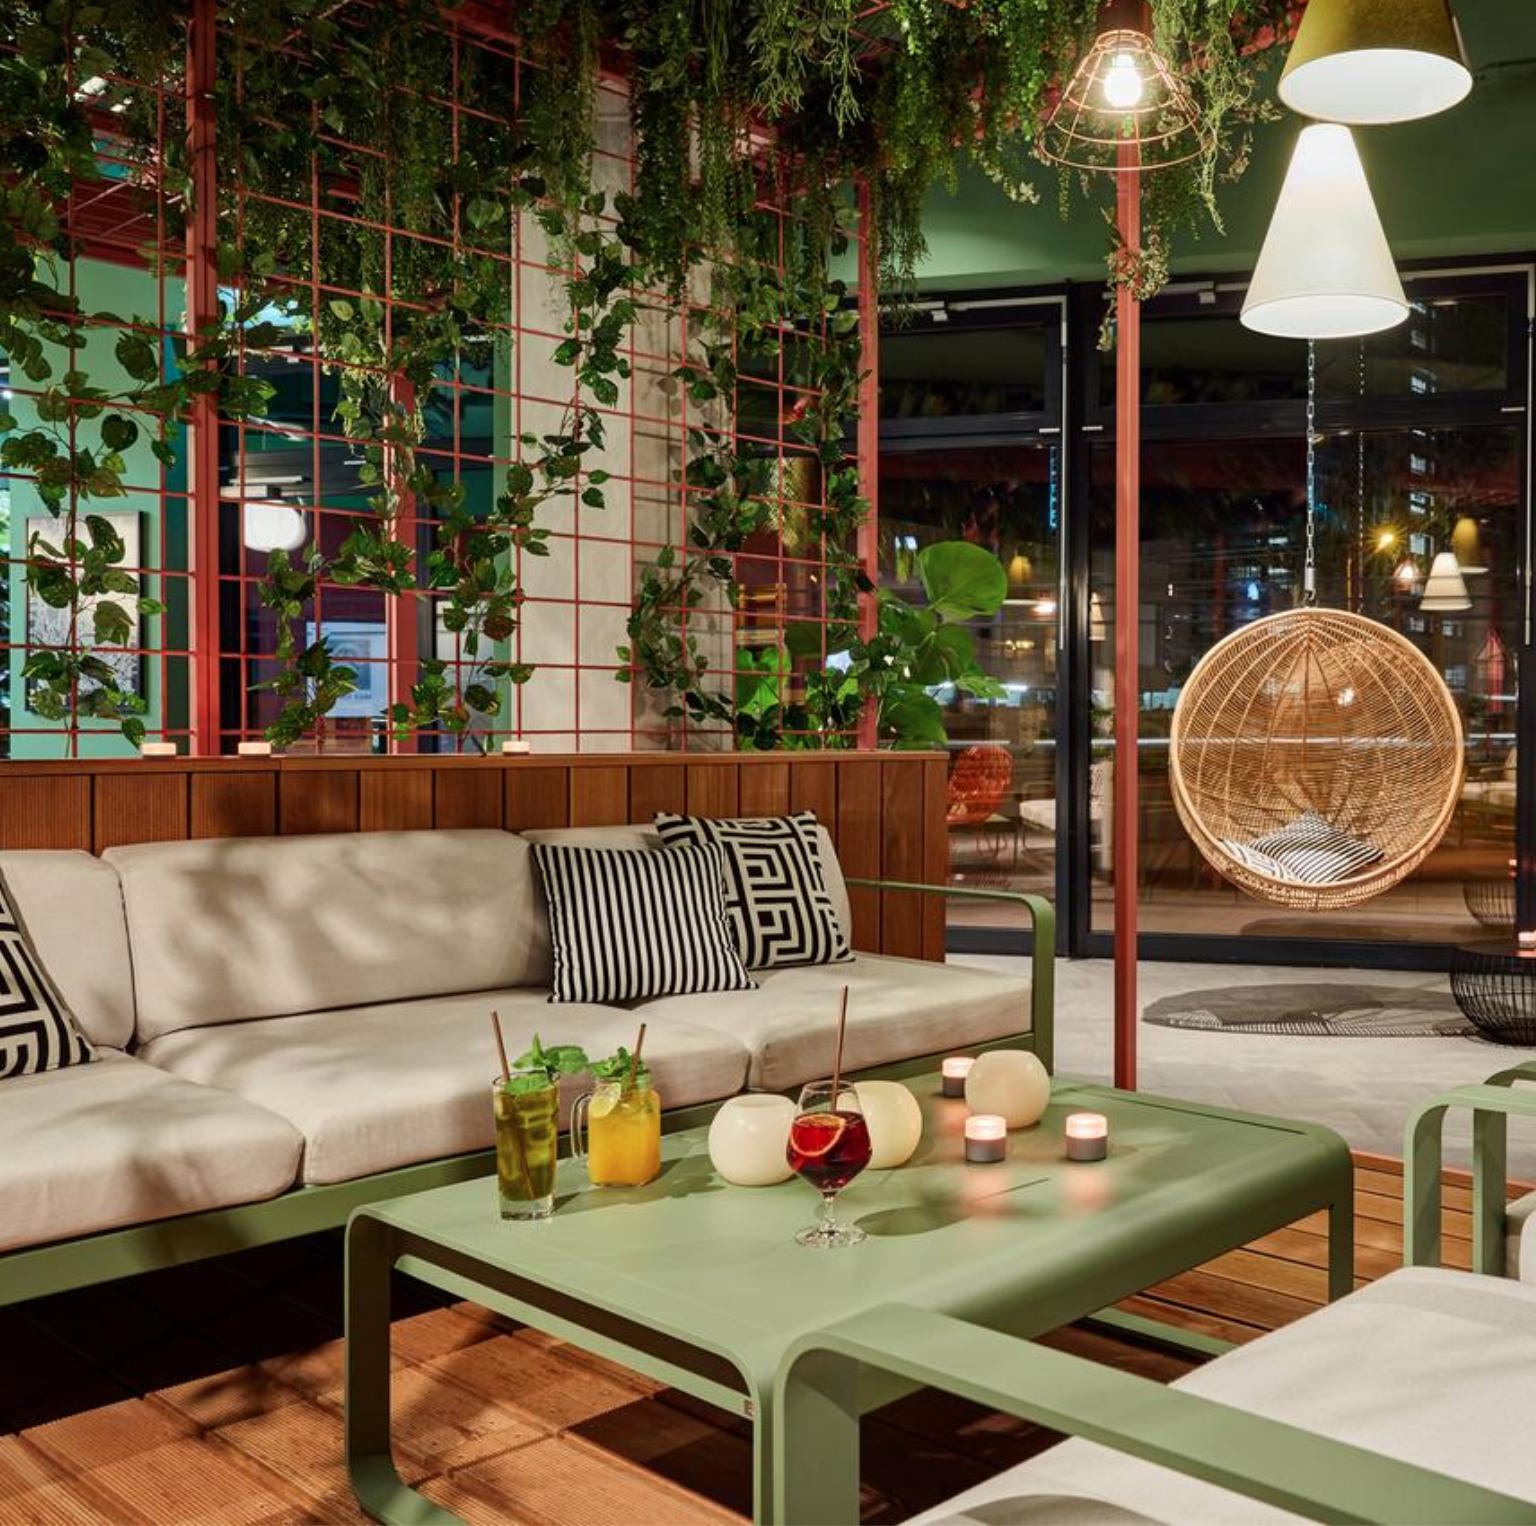 Leipzig: Design-Hotel Charly's Leipzig - 2 Personen - Doppelzimmer inkl. Frühstück, ÖPNV-Ticket & Extras - bis März 21 - Storno gratis